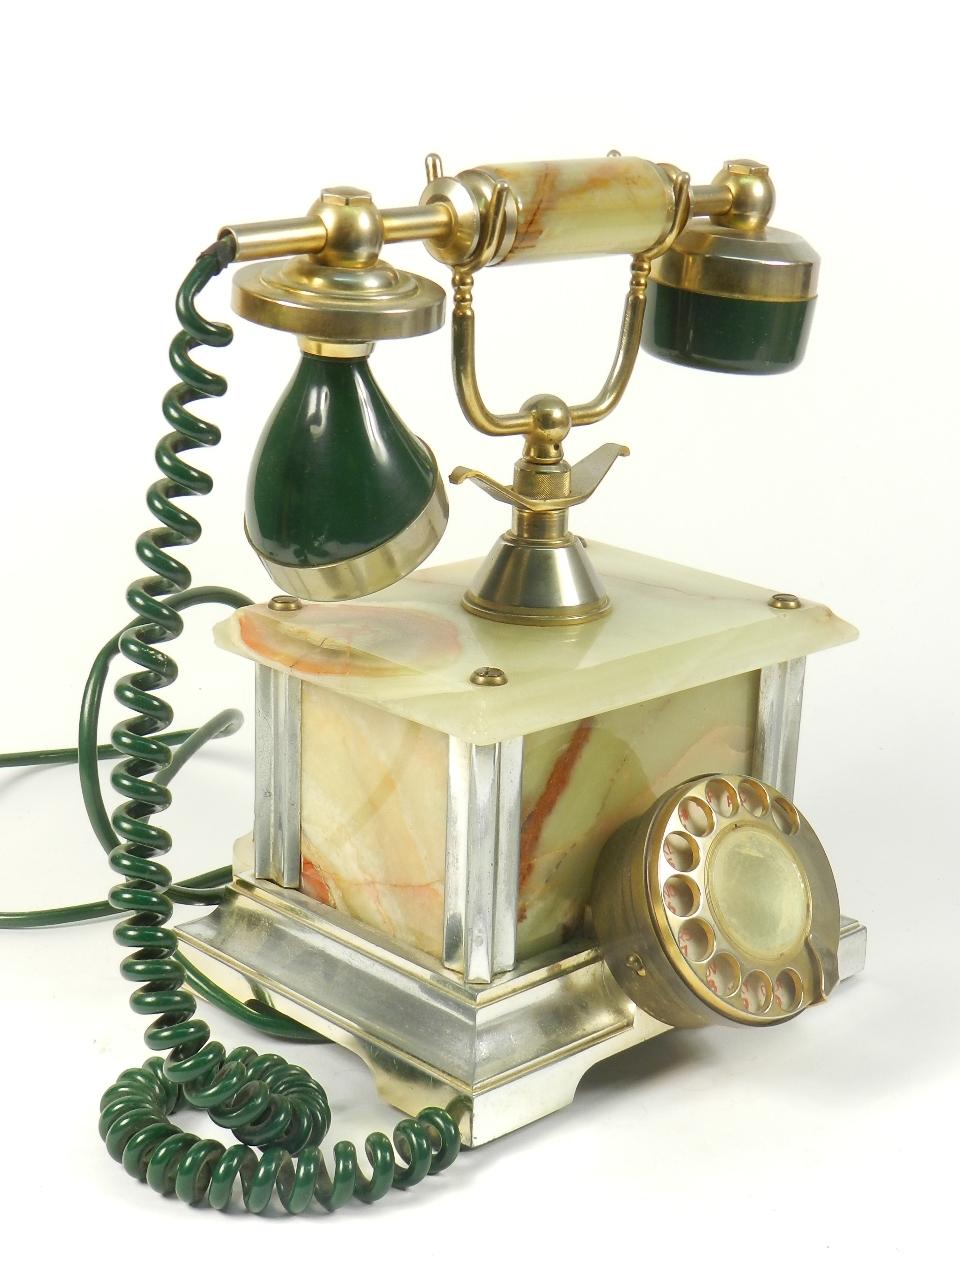 Imagen TELEFONO SOBREMESA ONIX VERDE AÑO 1960 35366